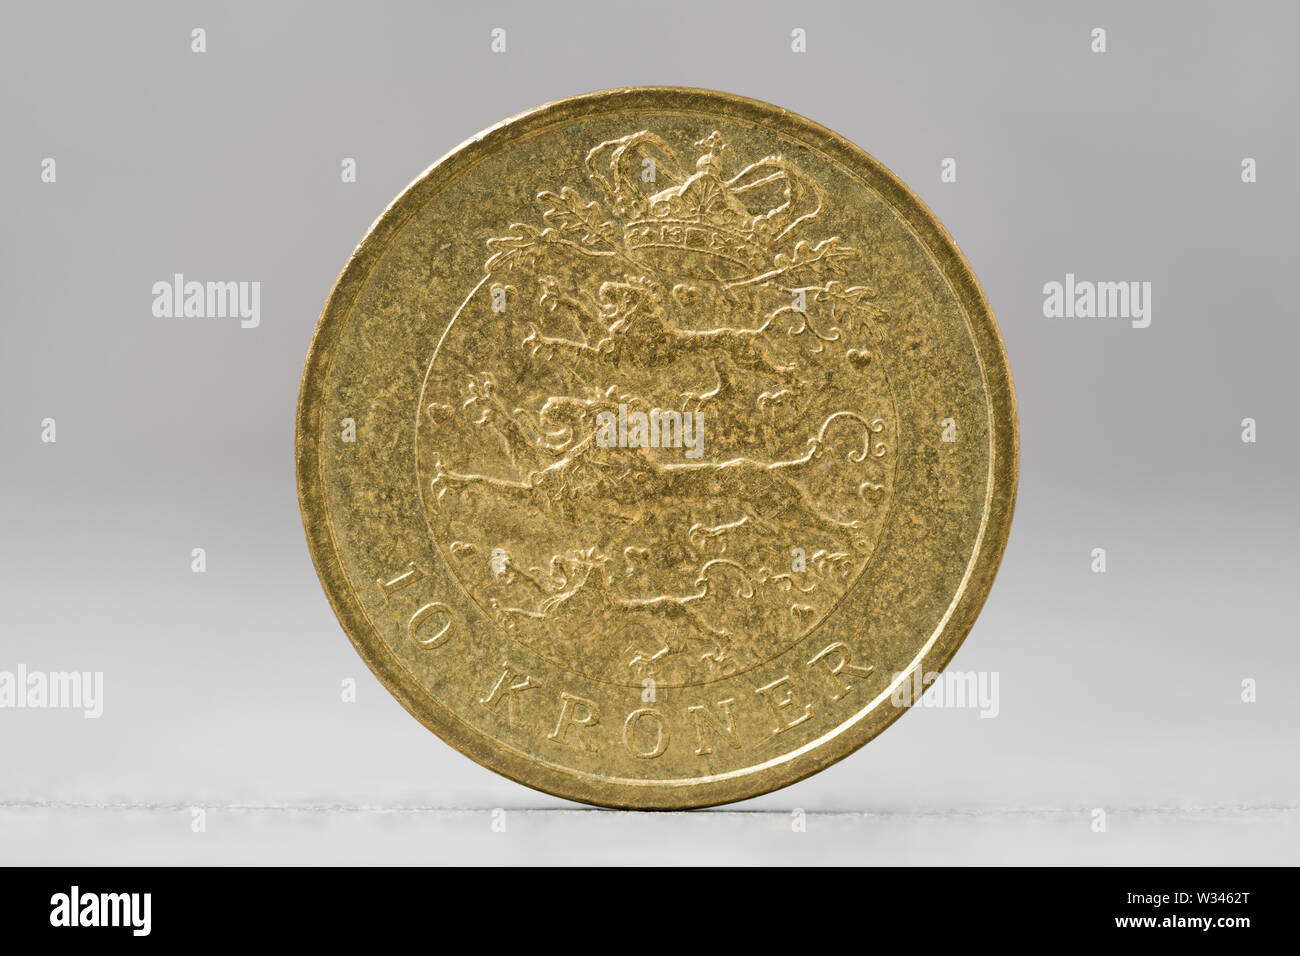 10 Danish Krone coin vista cercana Foto de stock